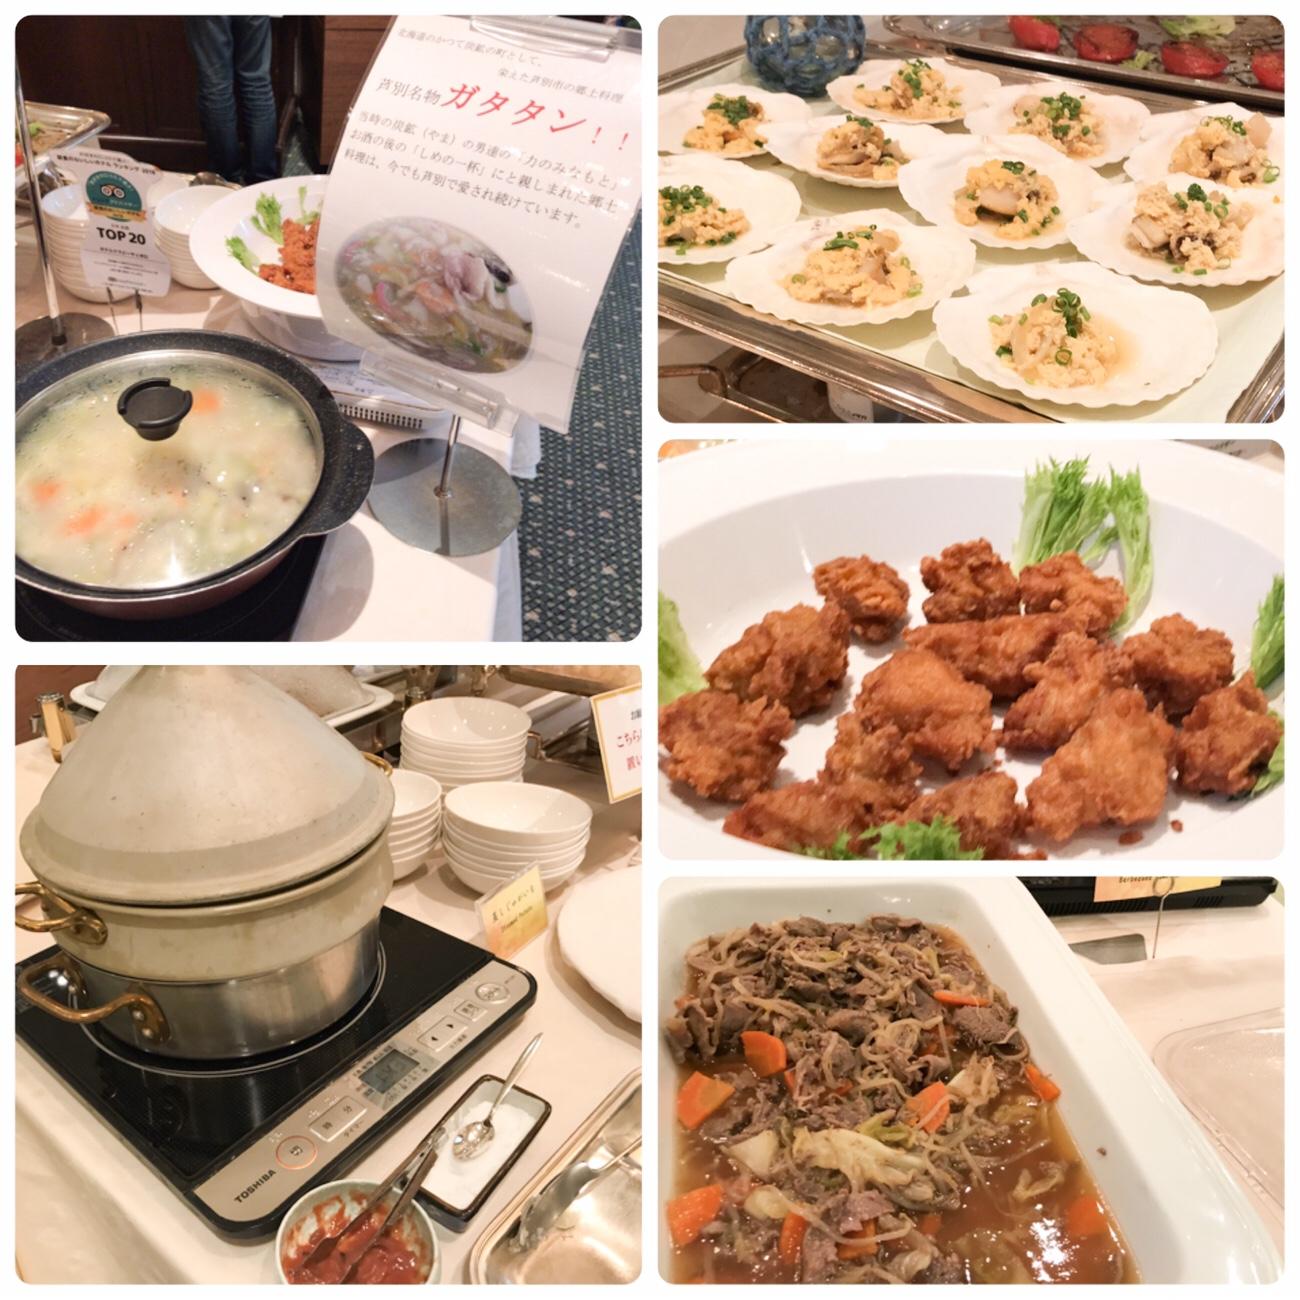 ホテルクラビーサッポロ 朝食の北海道料理